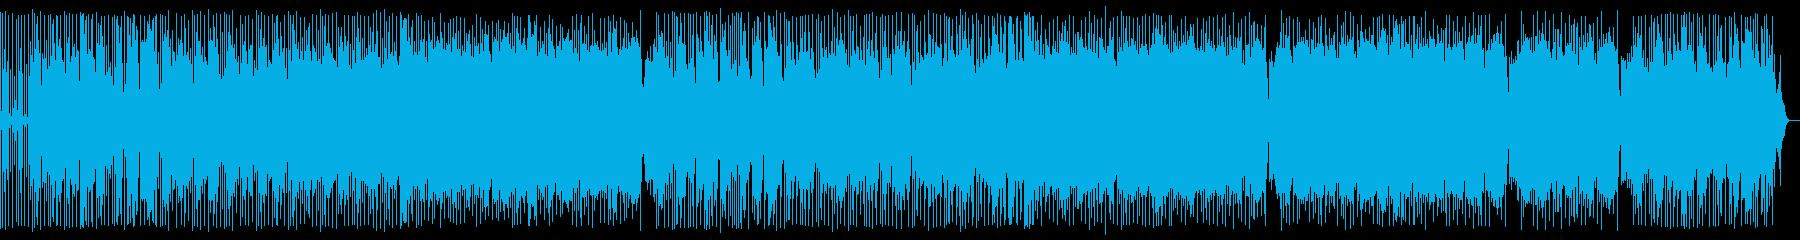 琴が印象的な英語のオリエンタルポップスの再生済みの波形